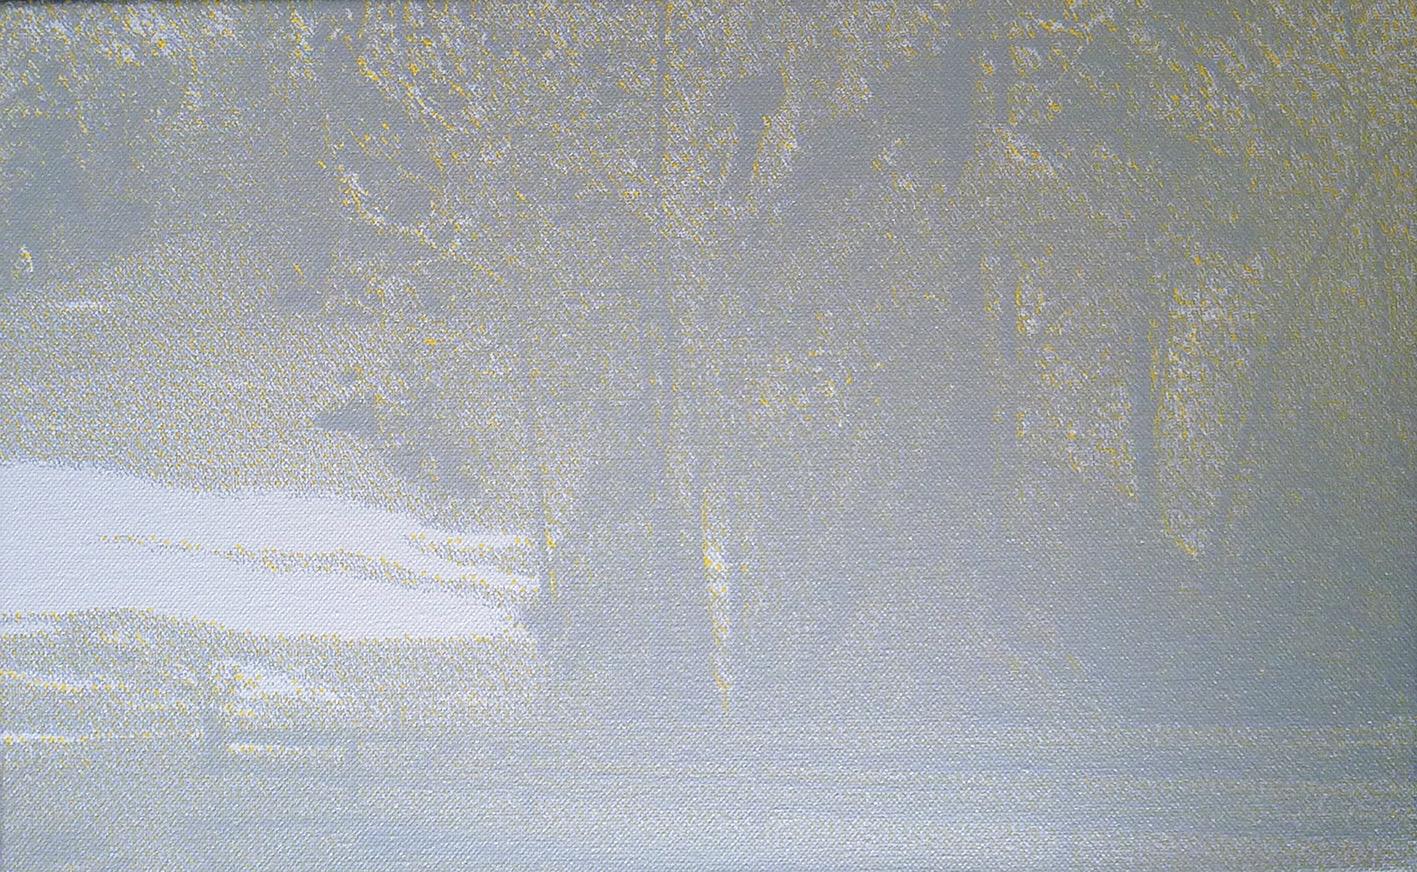 lichten_III_1_25x40